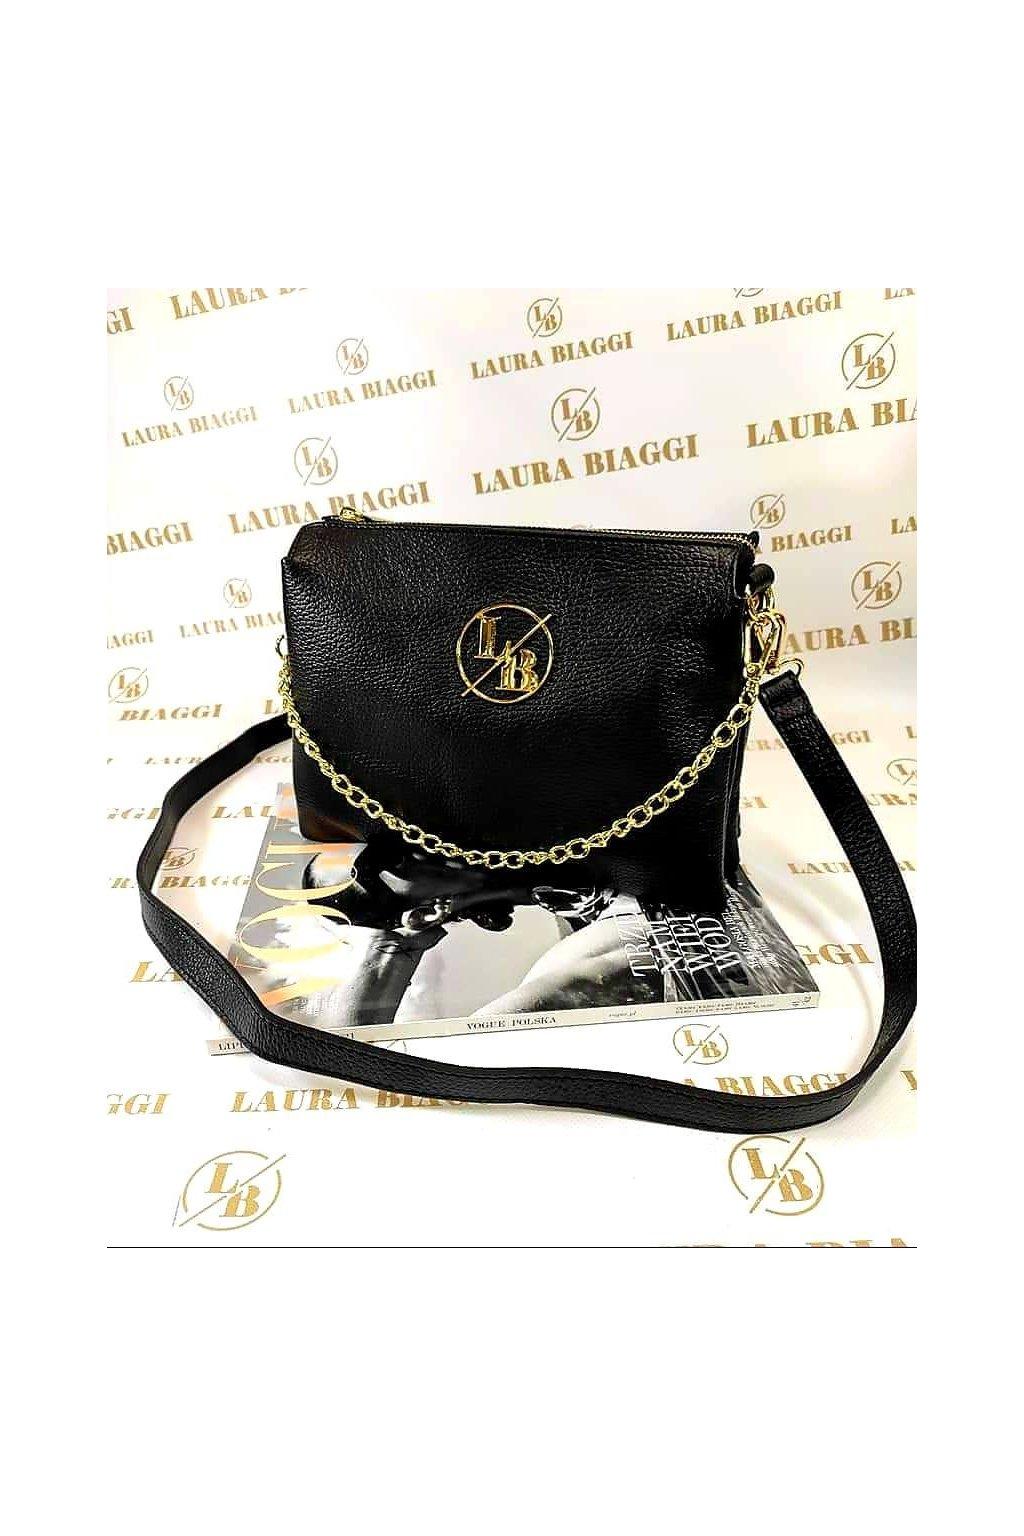 kabelka kůže laura biaggi luxusní kožená kabelka crossbody značková vyrobena v itálii černá